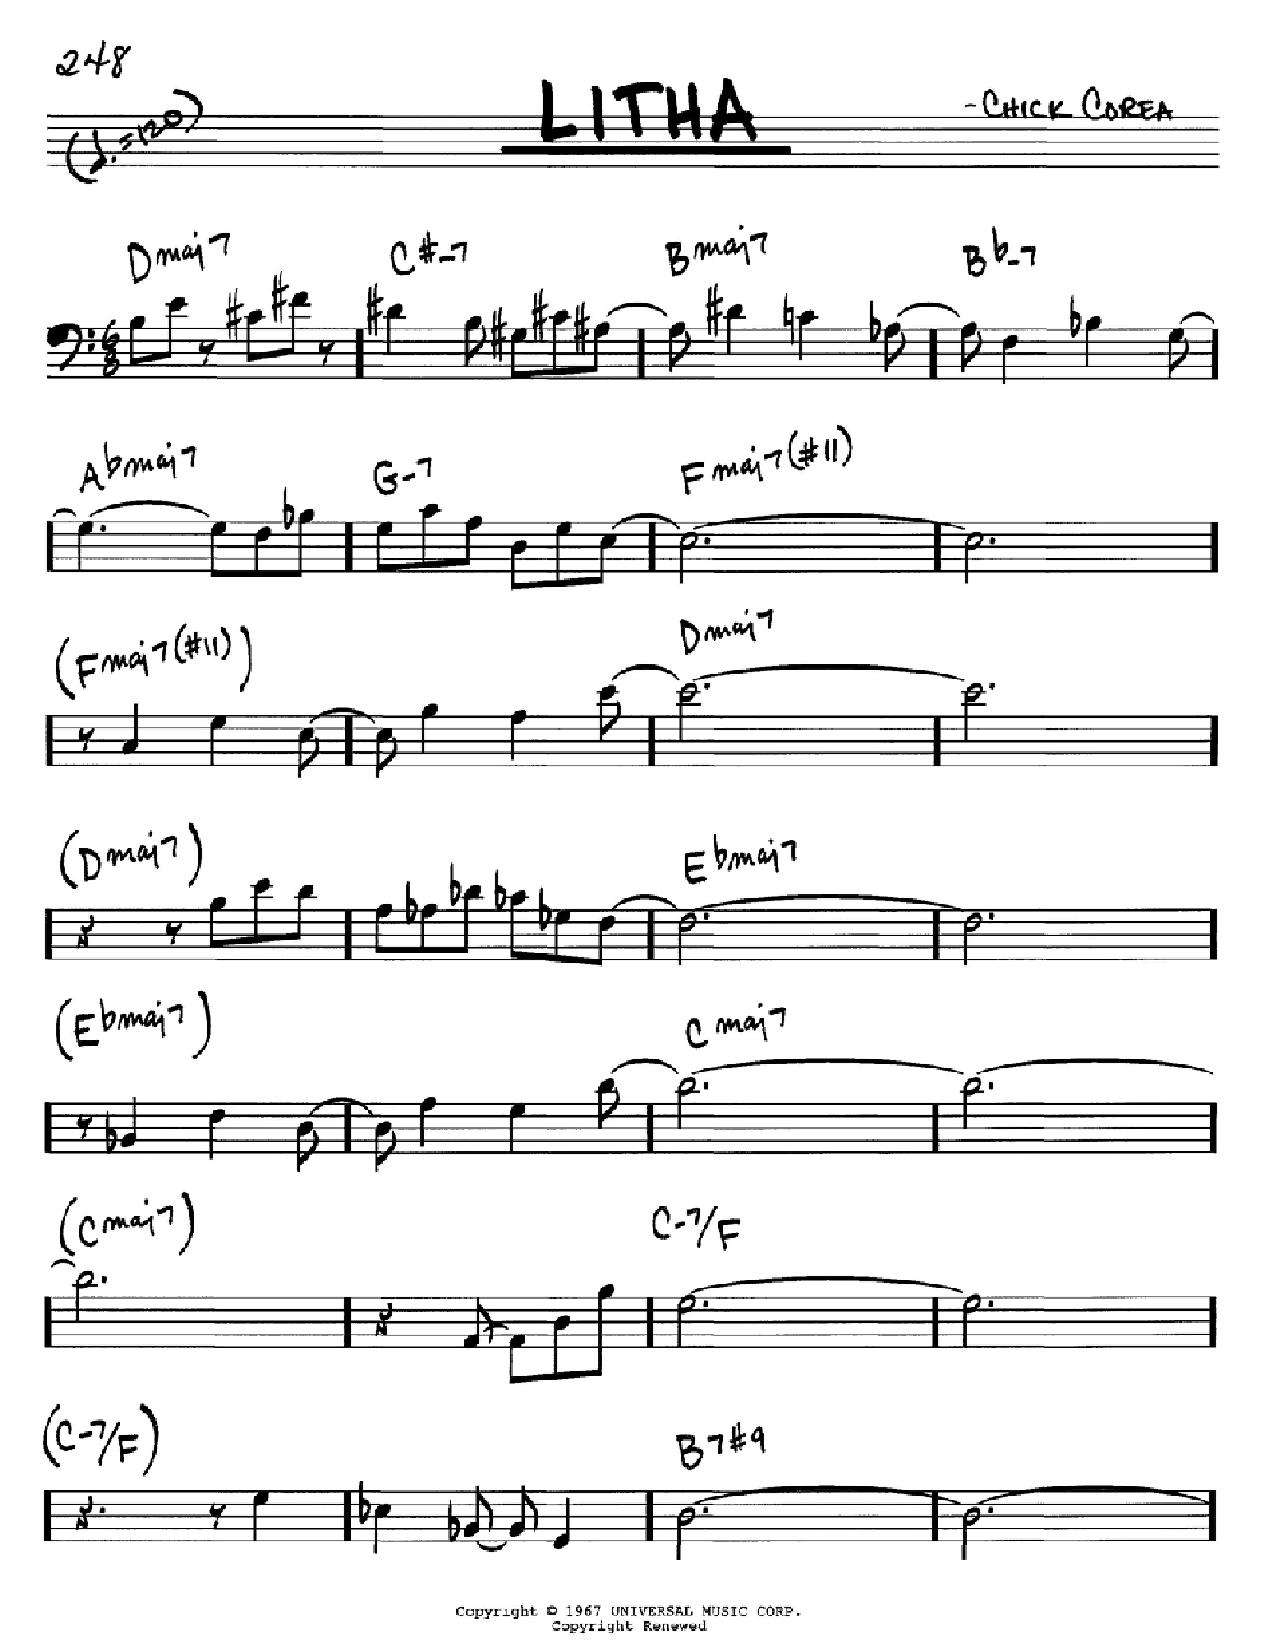 Litha Sheet Music